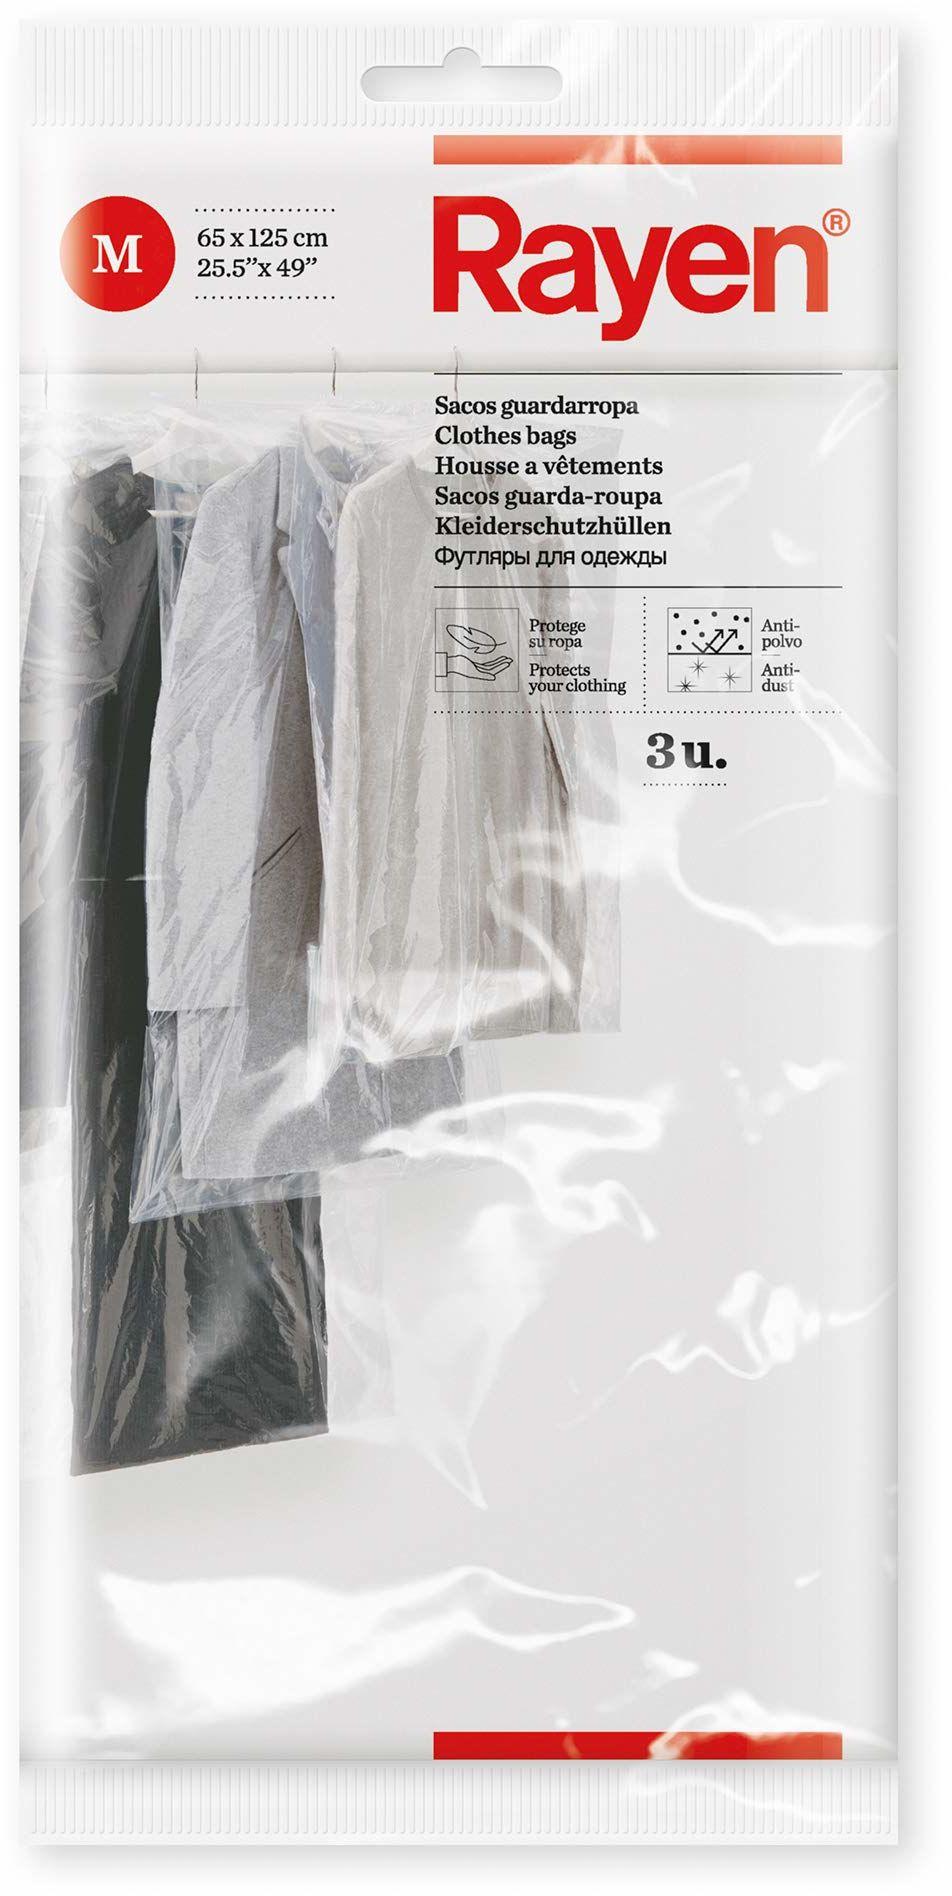 Rayen 6046 pokrowiec na ubrania, 3 sztuki, 65 x 125 cm